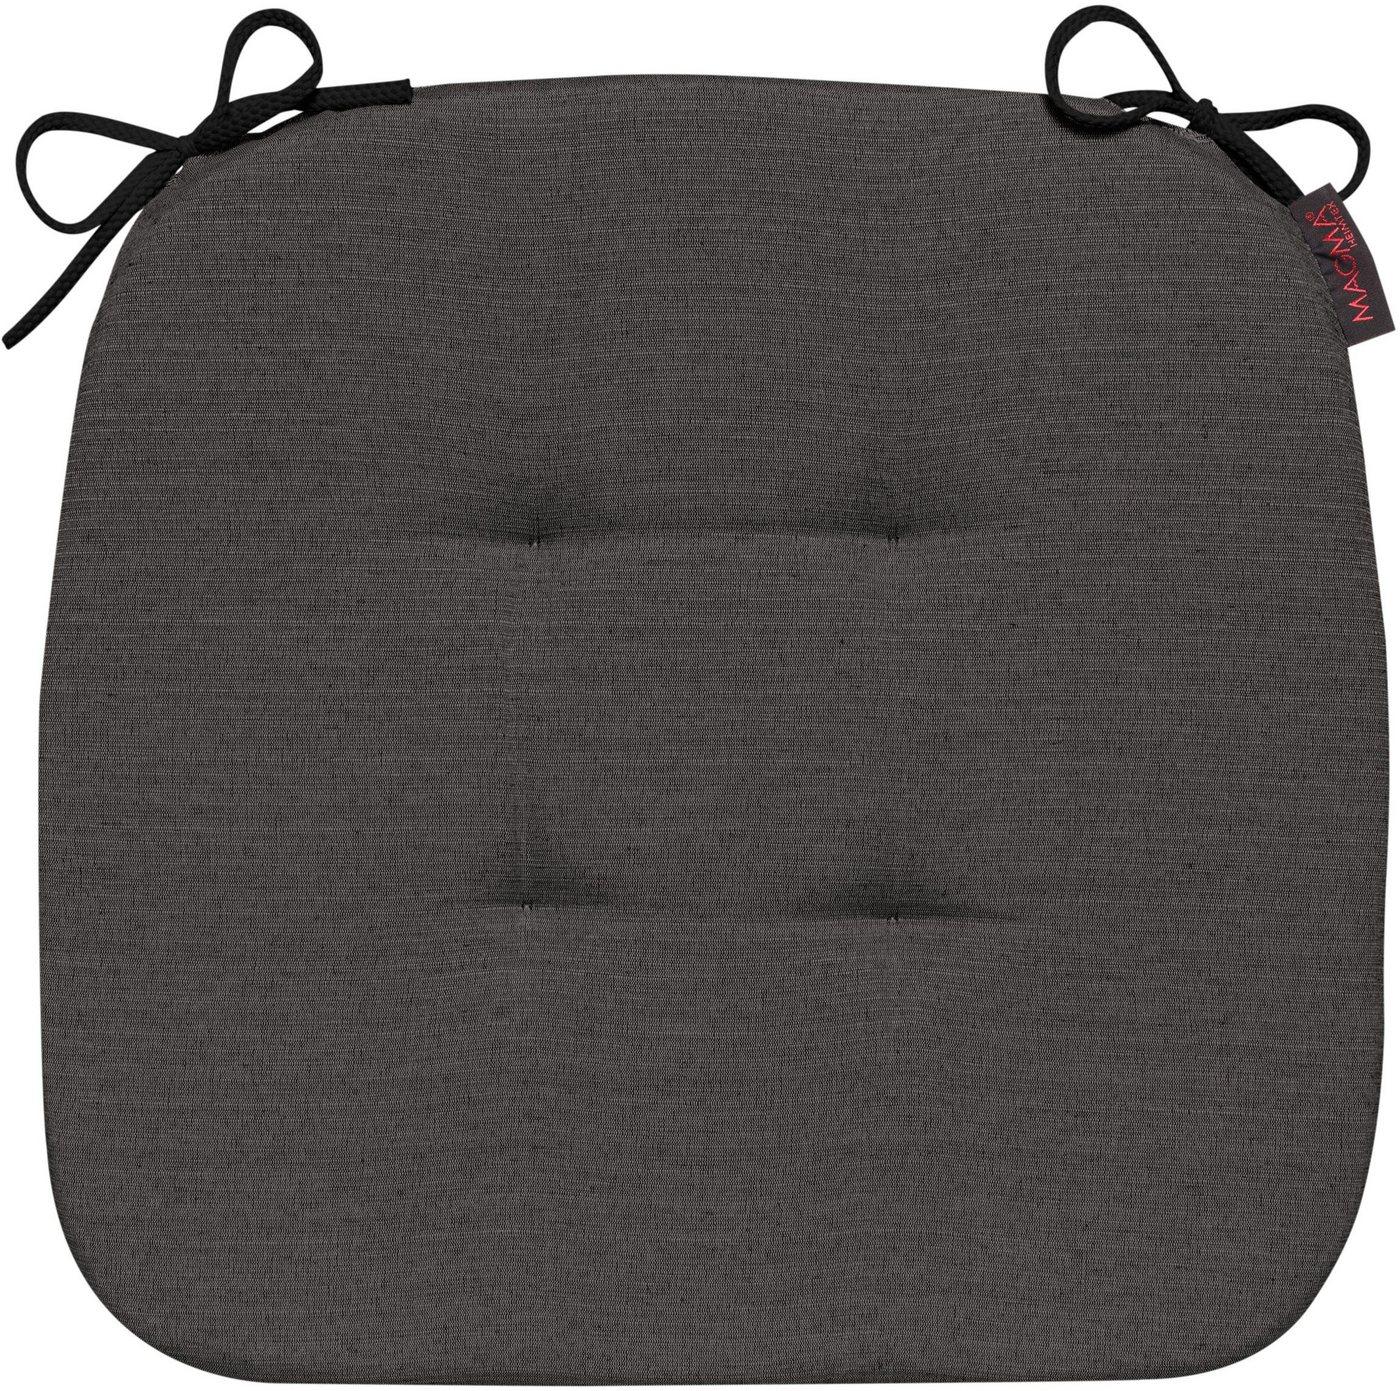 sitzkissen mit schleife machen sie den preisvergleich bei nextag. Black Bedroom Furniture Sets. Home Design Ideas